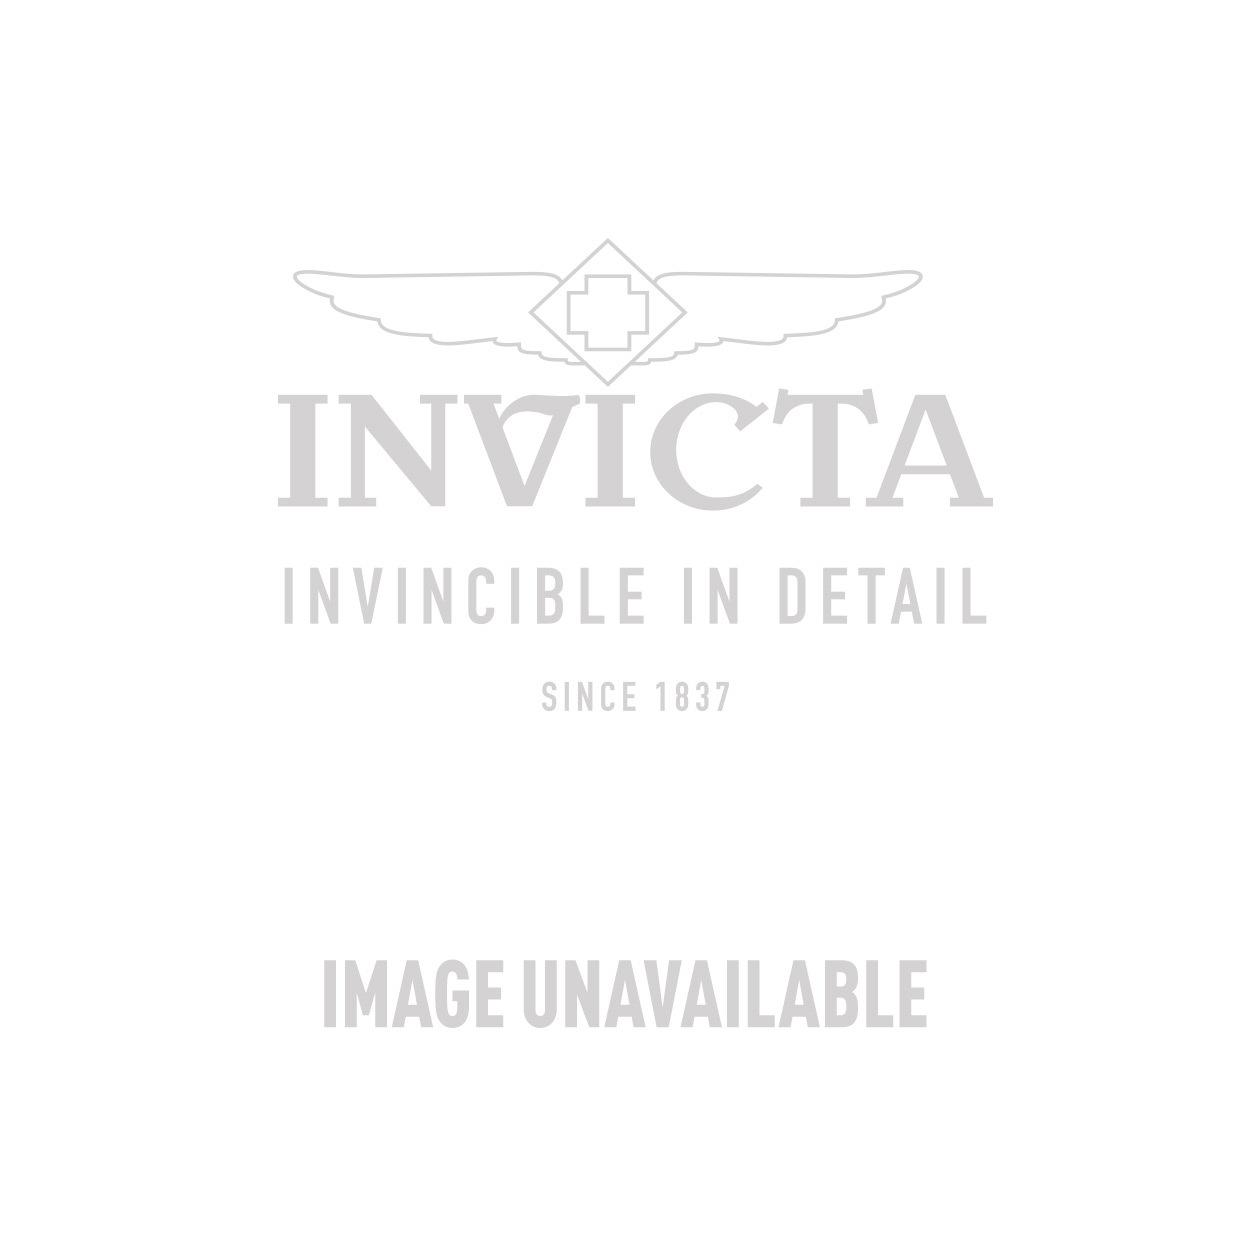 Invicta Model  SC0373